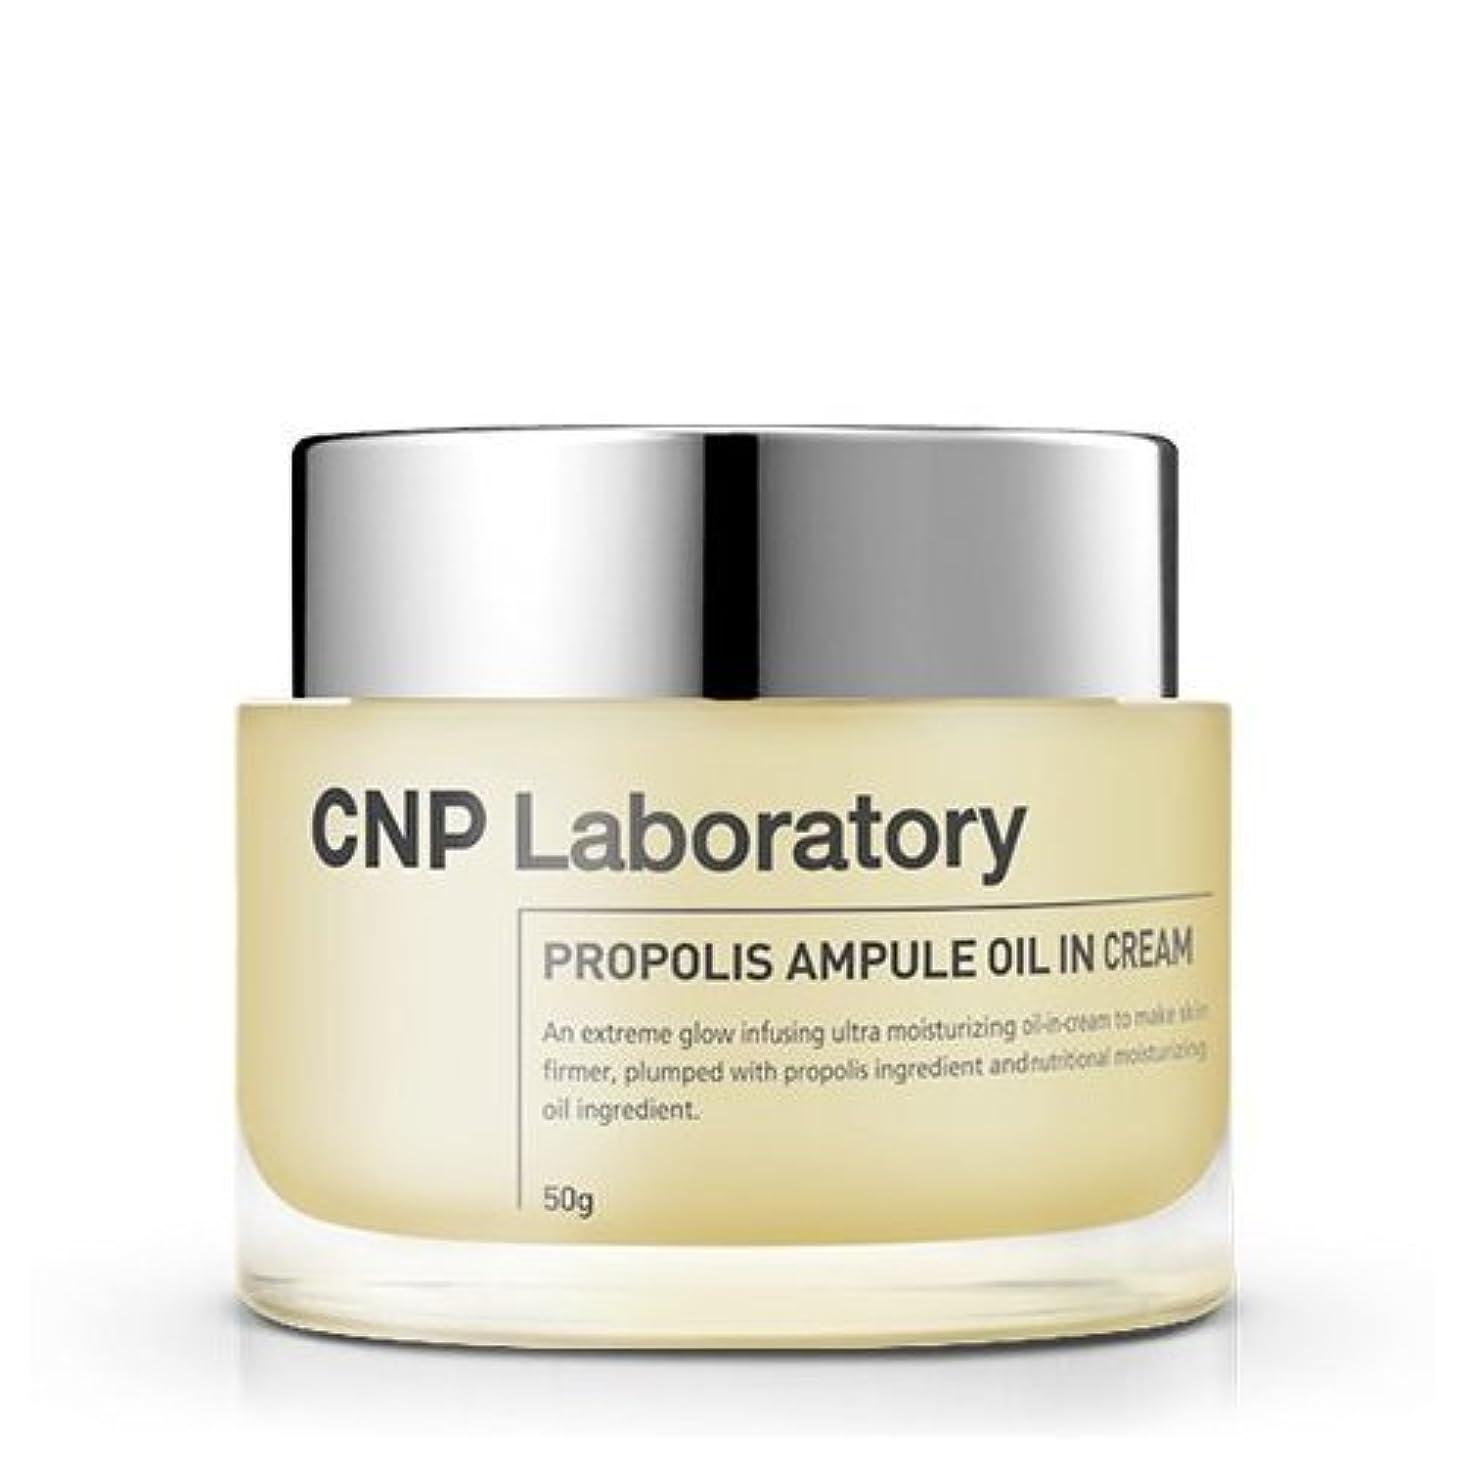 ゾーンギャンブル通りCNP Laboratory プロポリスアンプルオイルインクリーム50ミリリットル